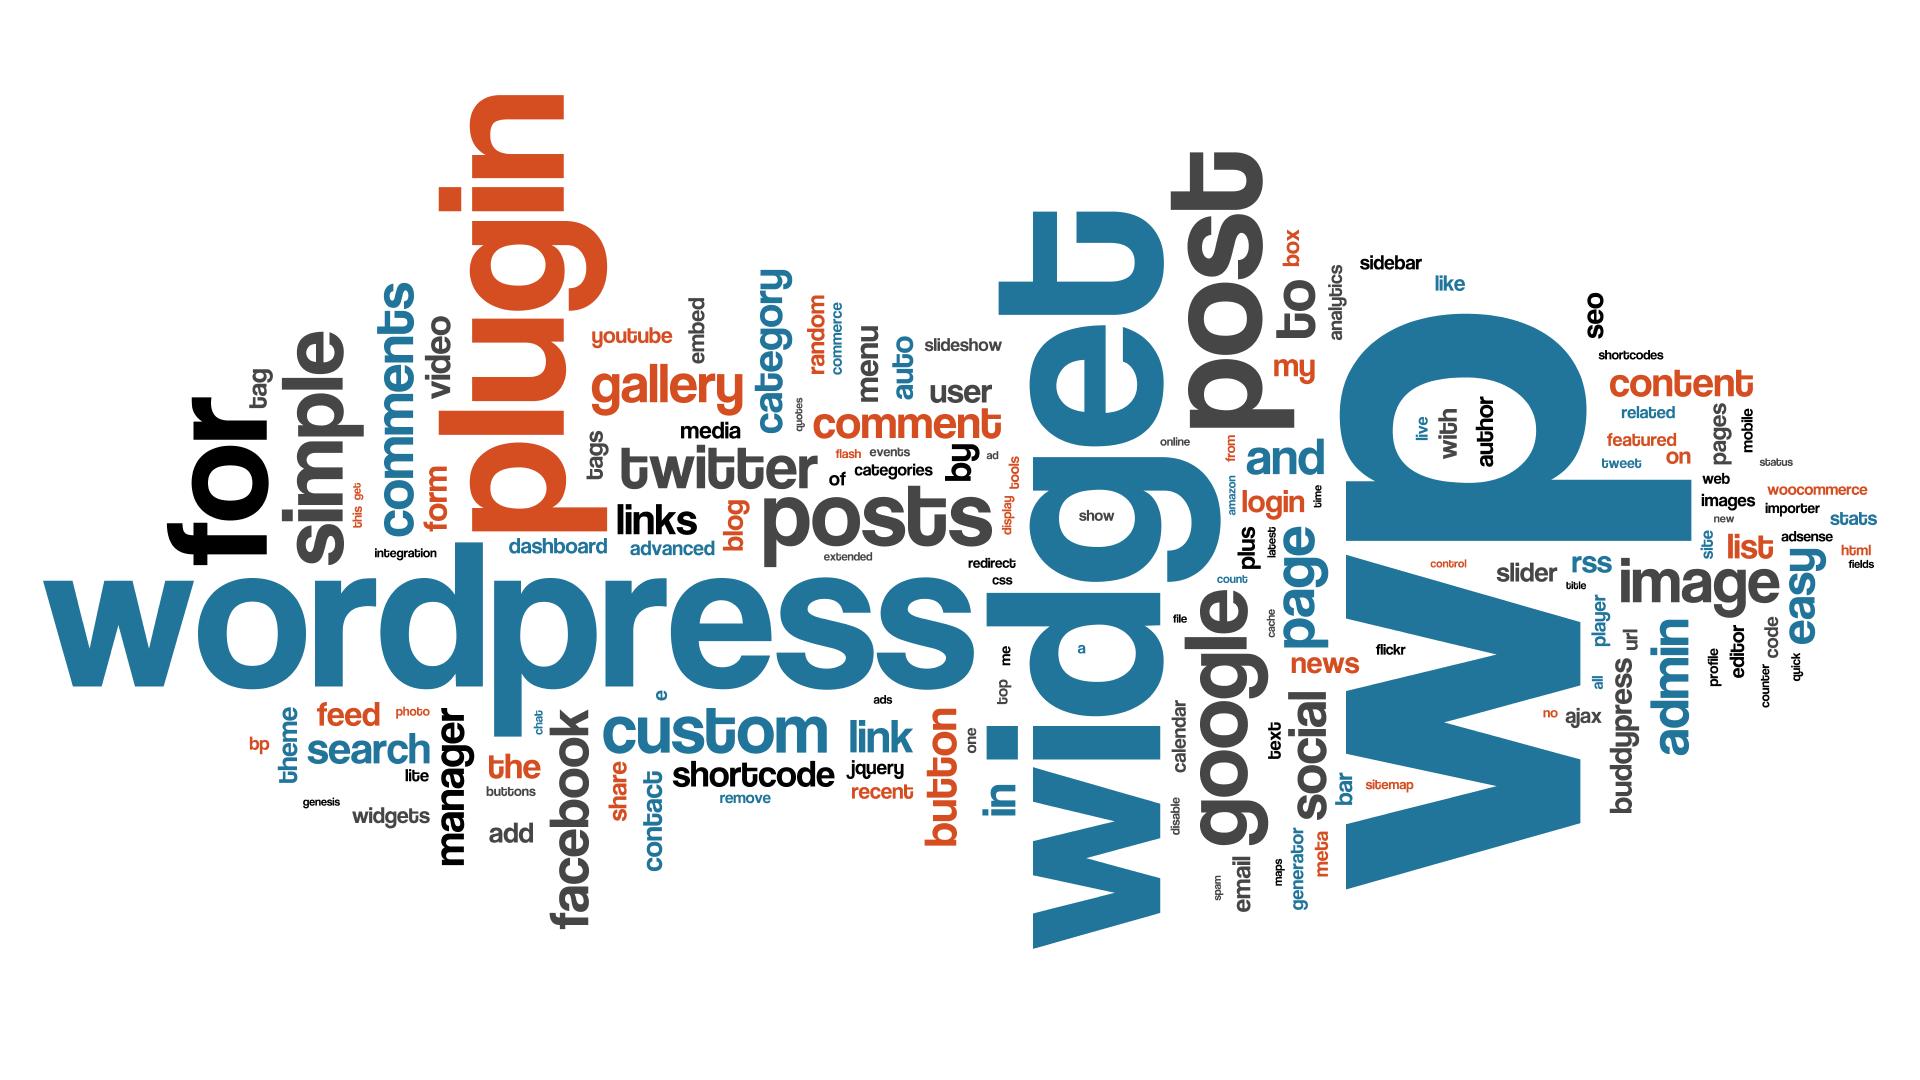 wordpress-tag-cloud